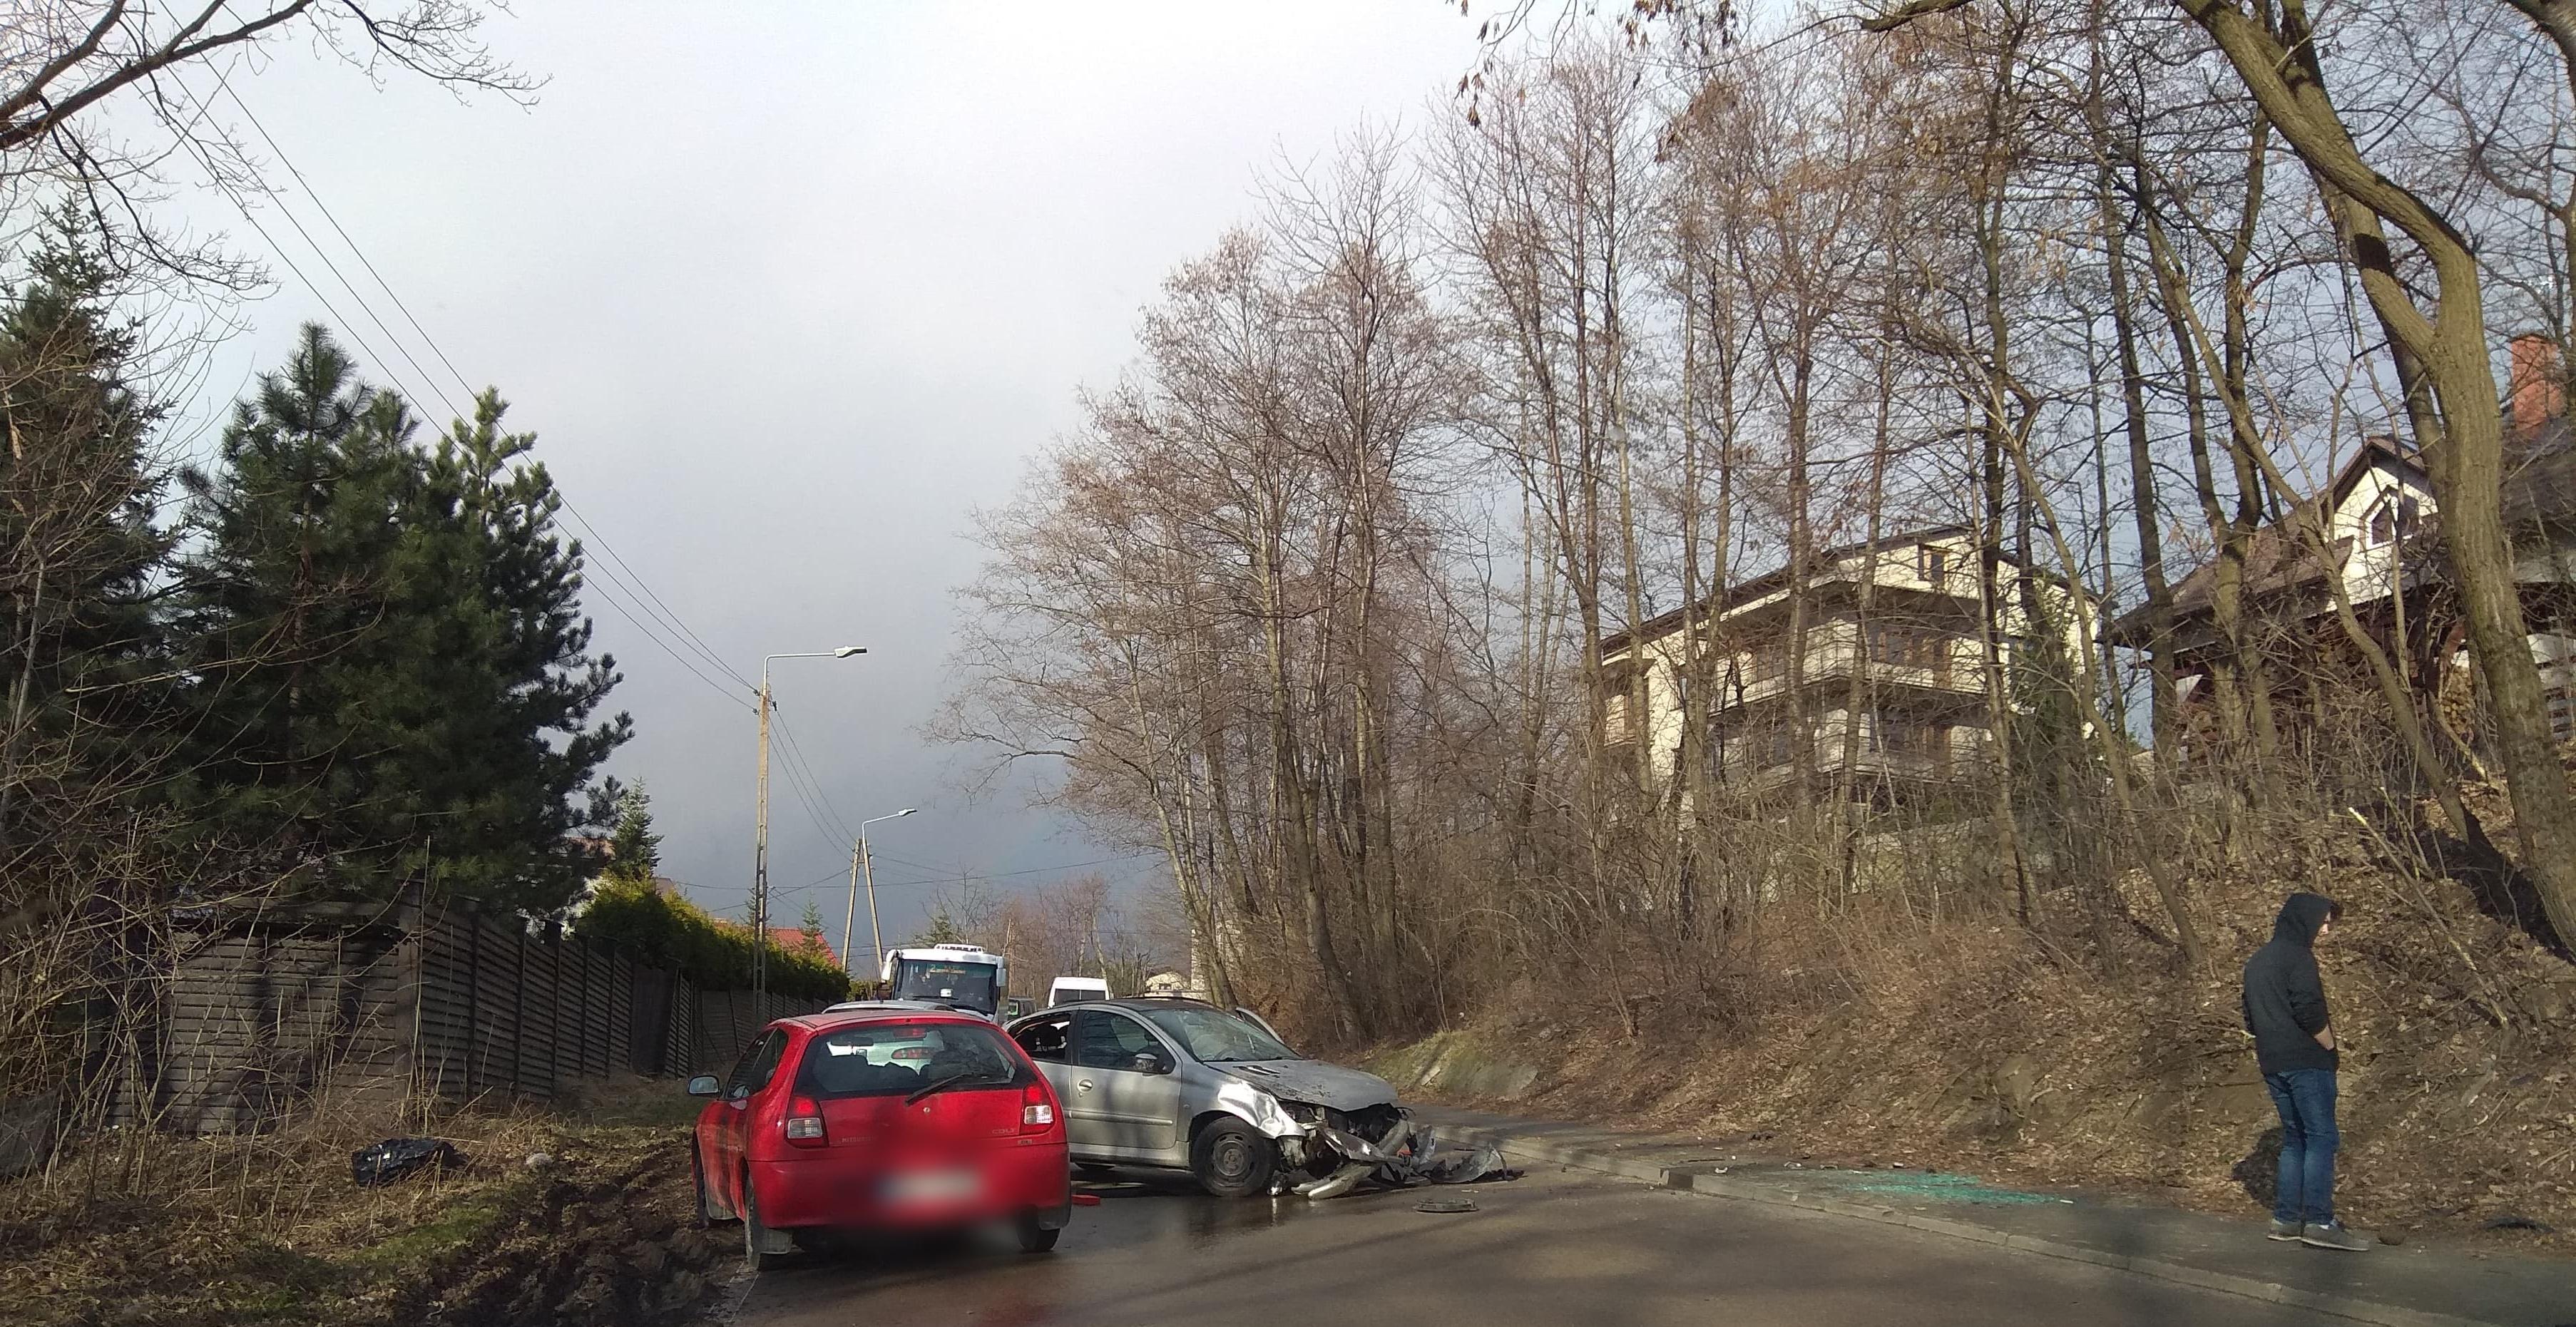 Kraksa na granicy Andrychowa i Roczyn